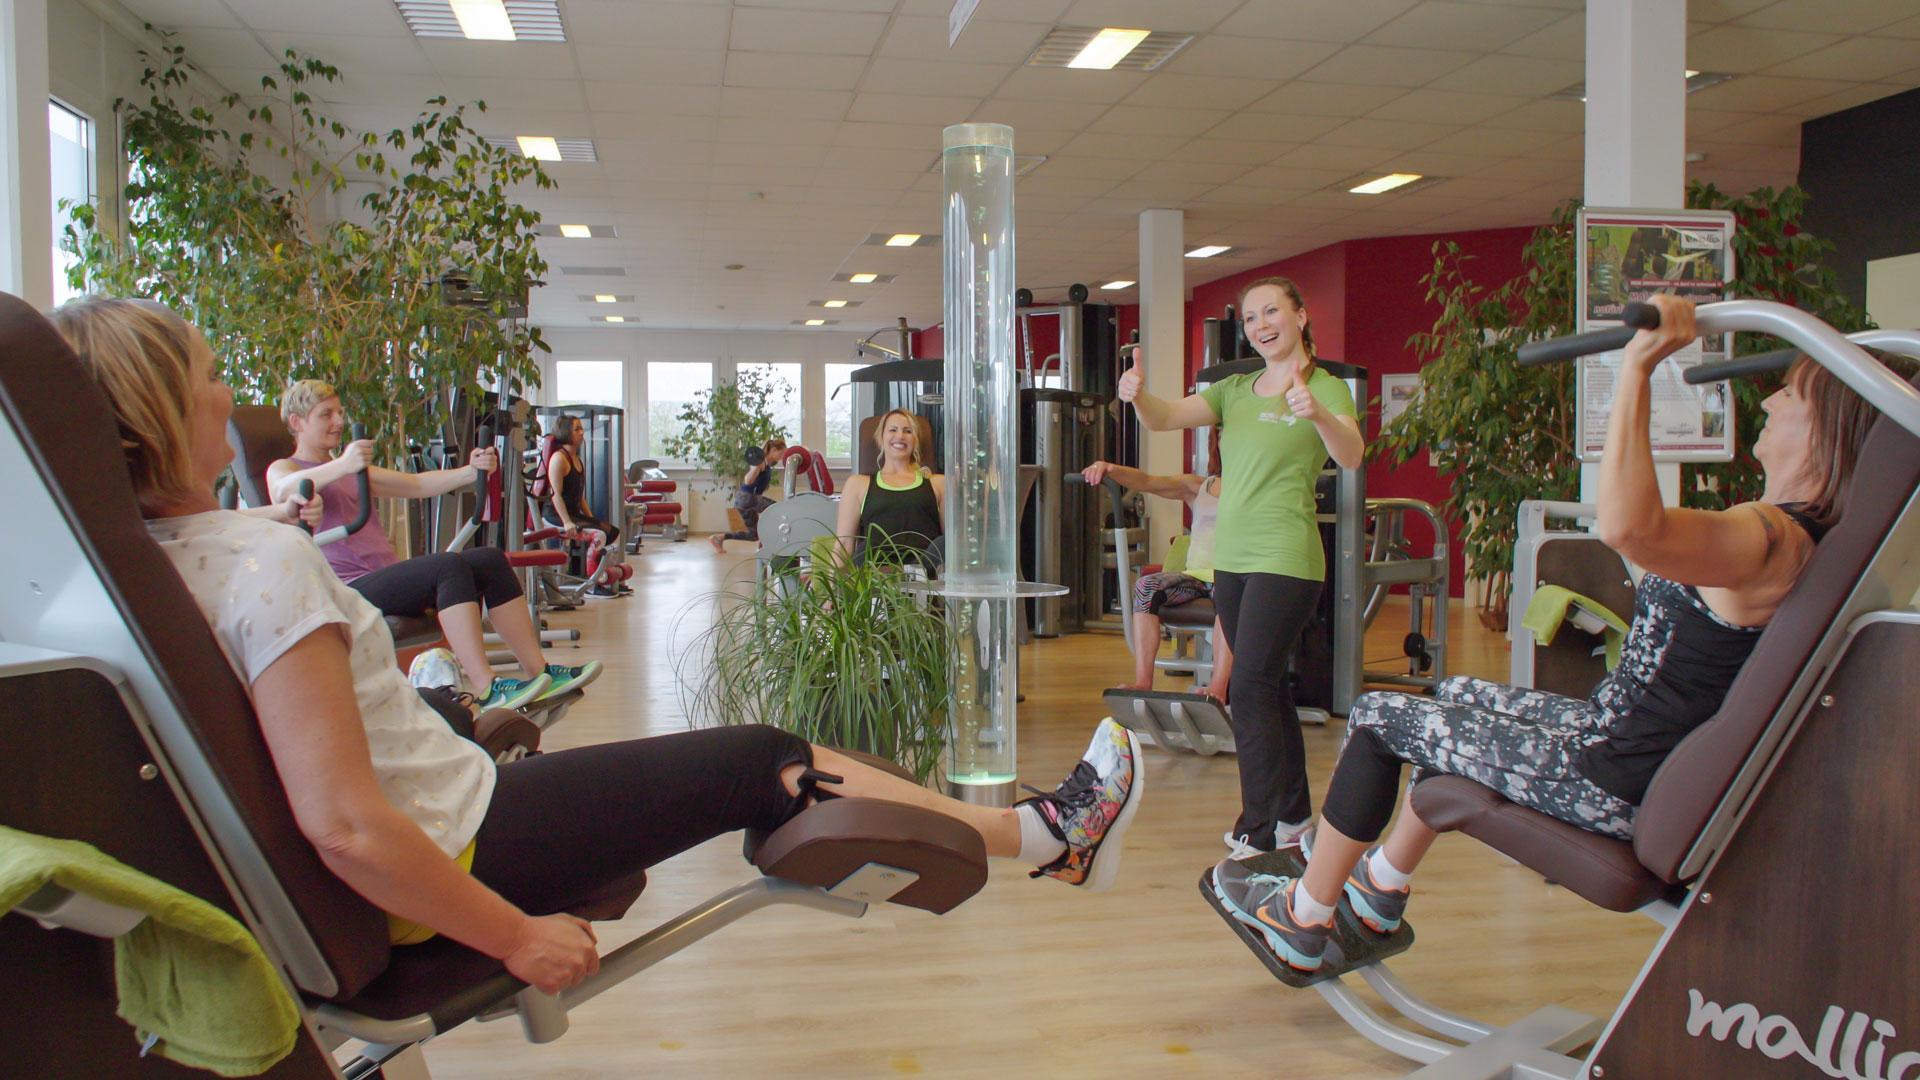 Gemeinsam trainieren im activelady Fitnessstudio Neuwied